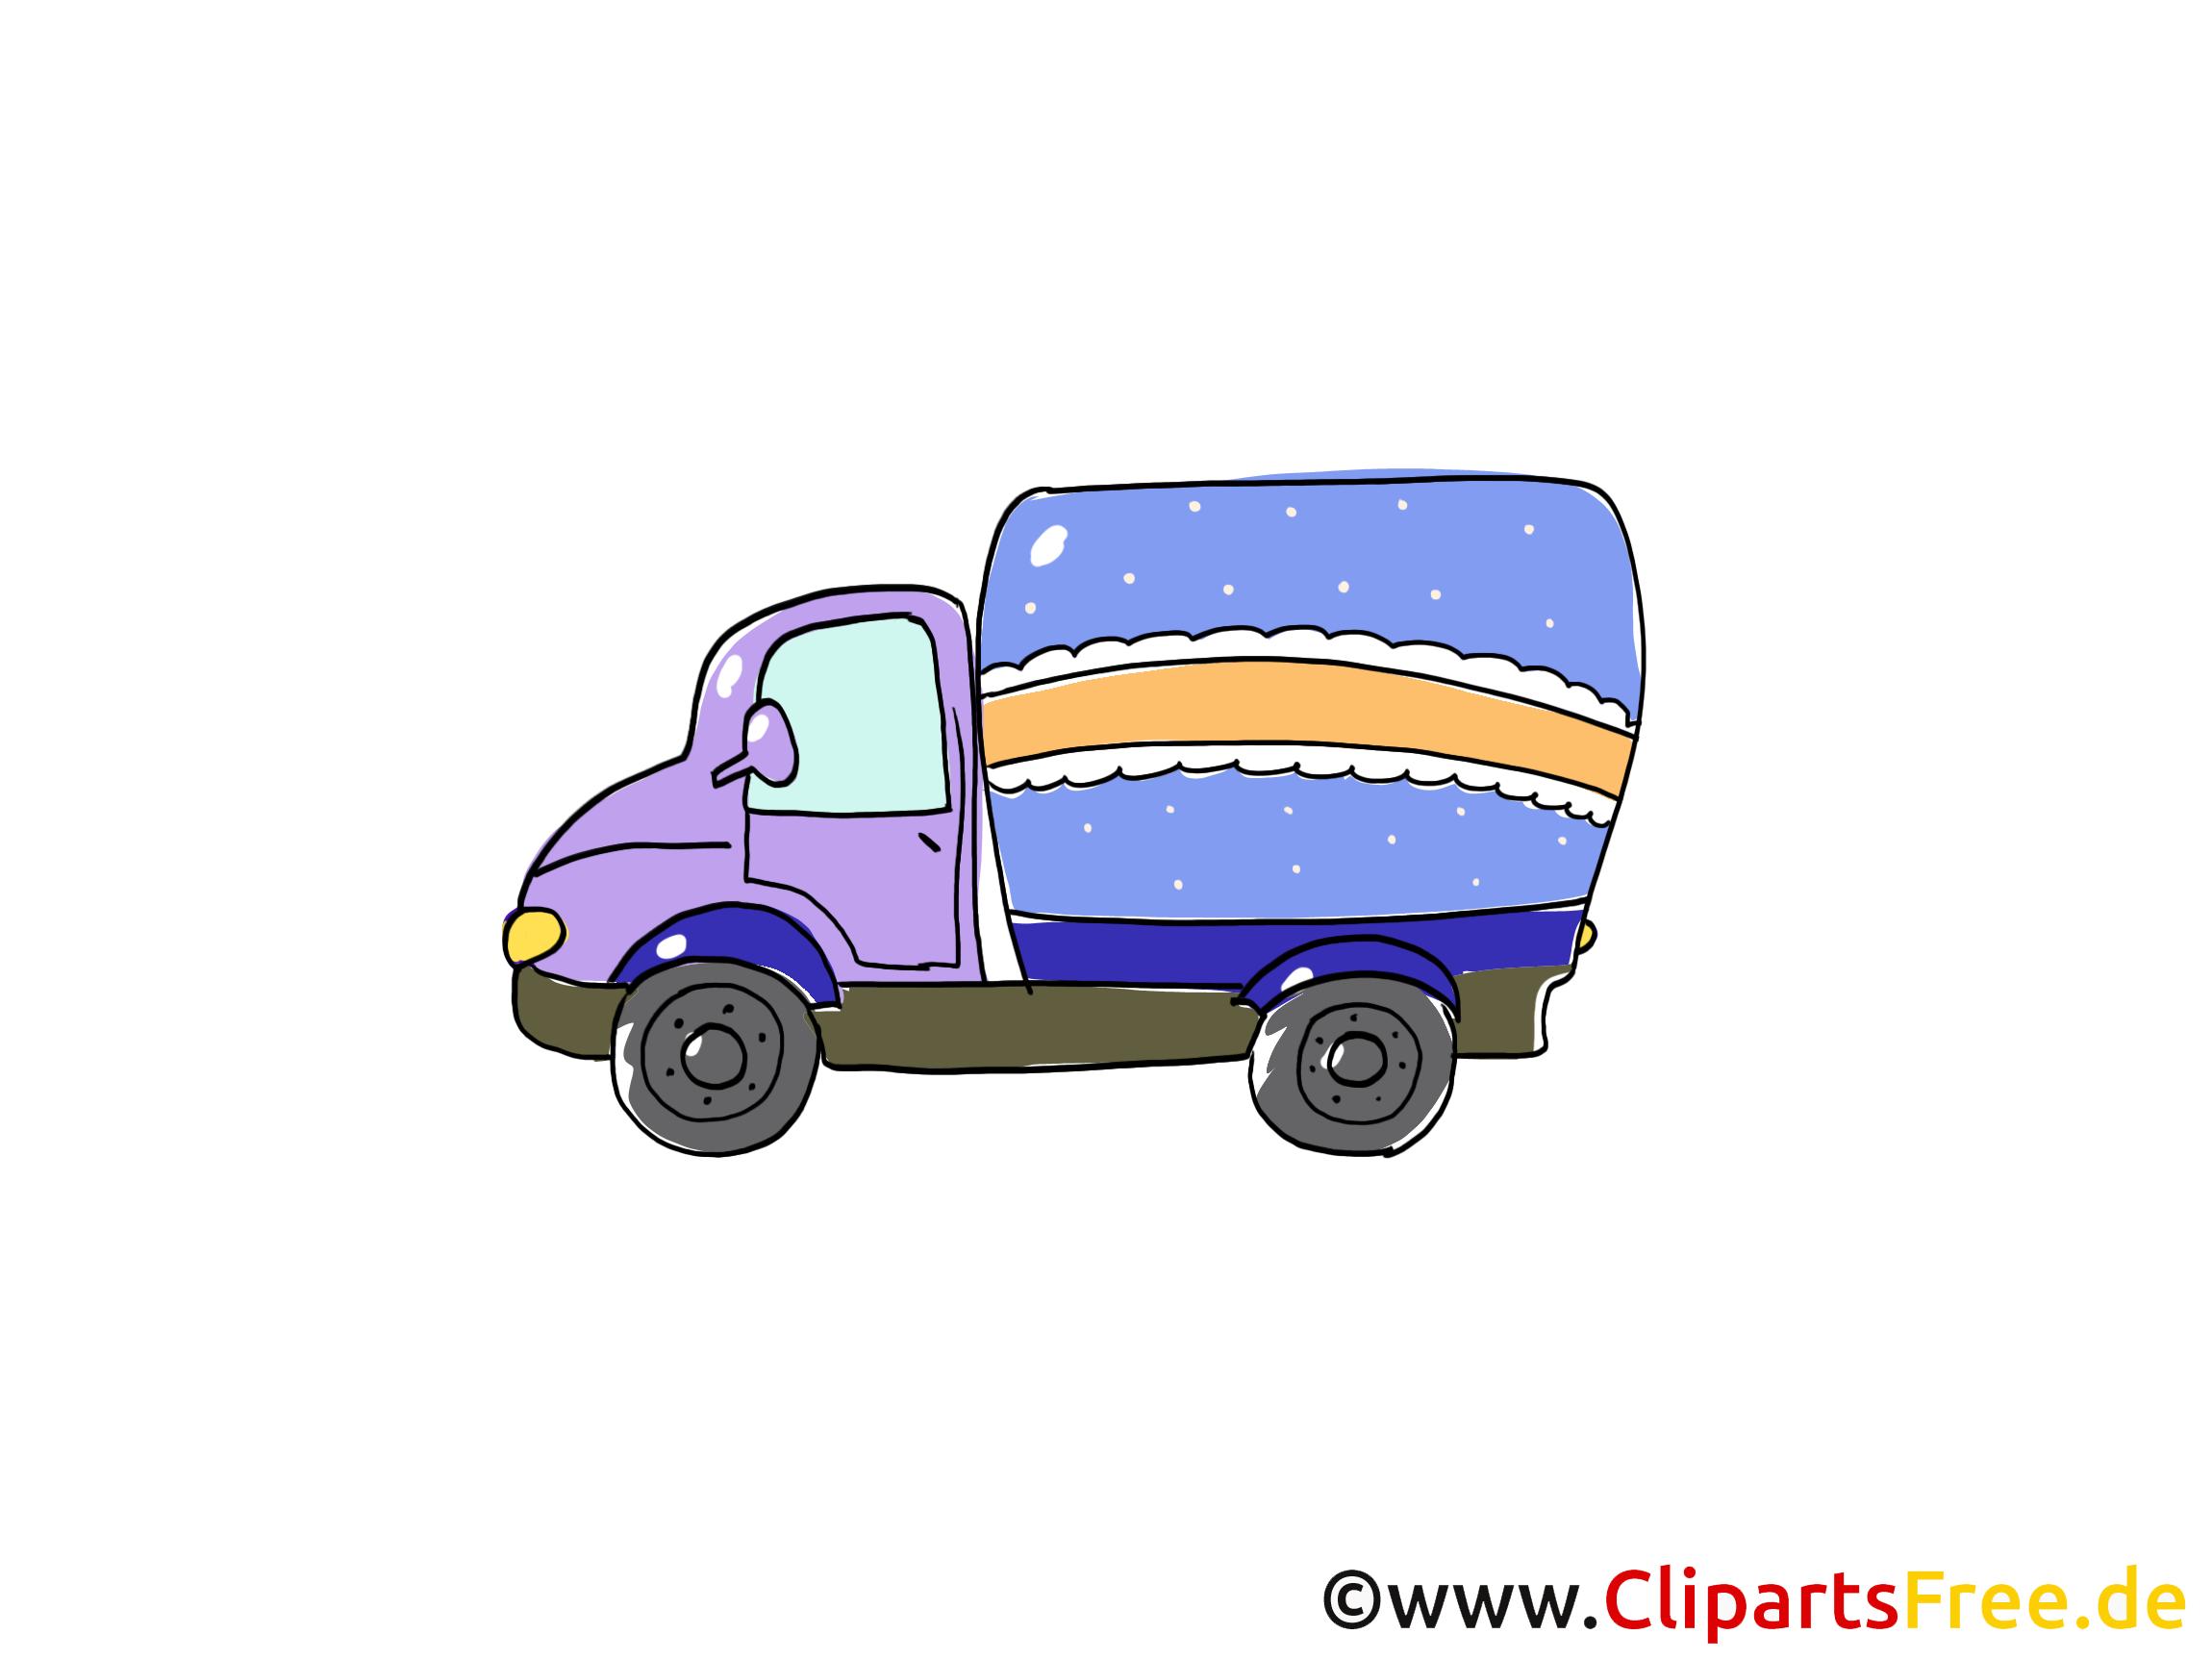 Camion cliparts gratuis - Voiture images gratuites